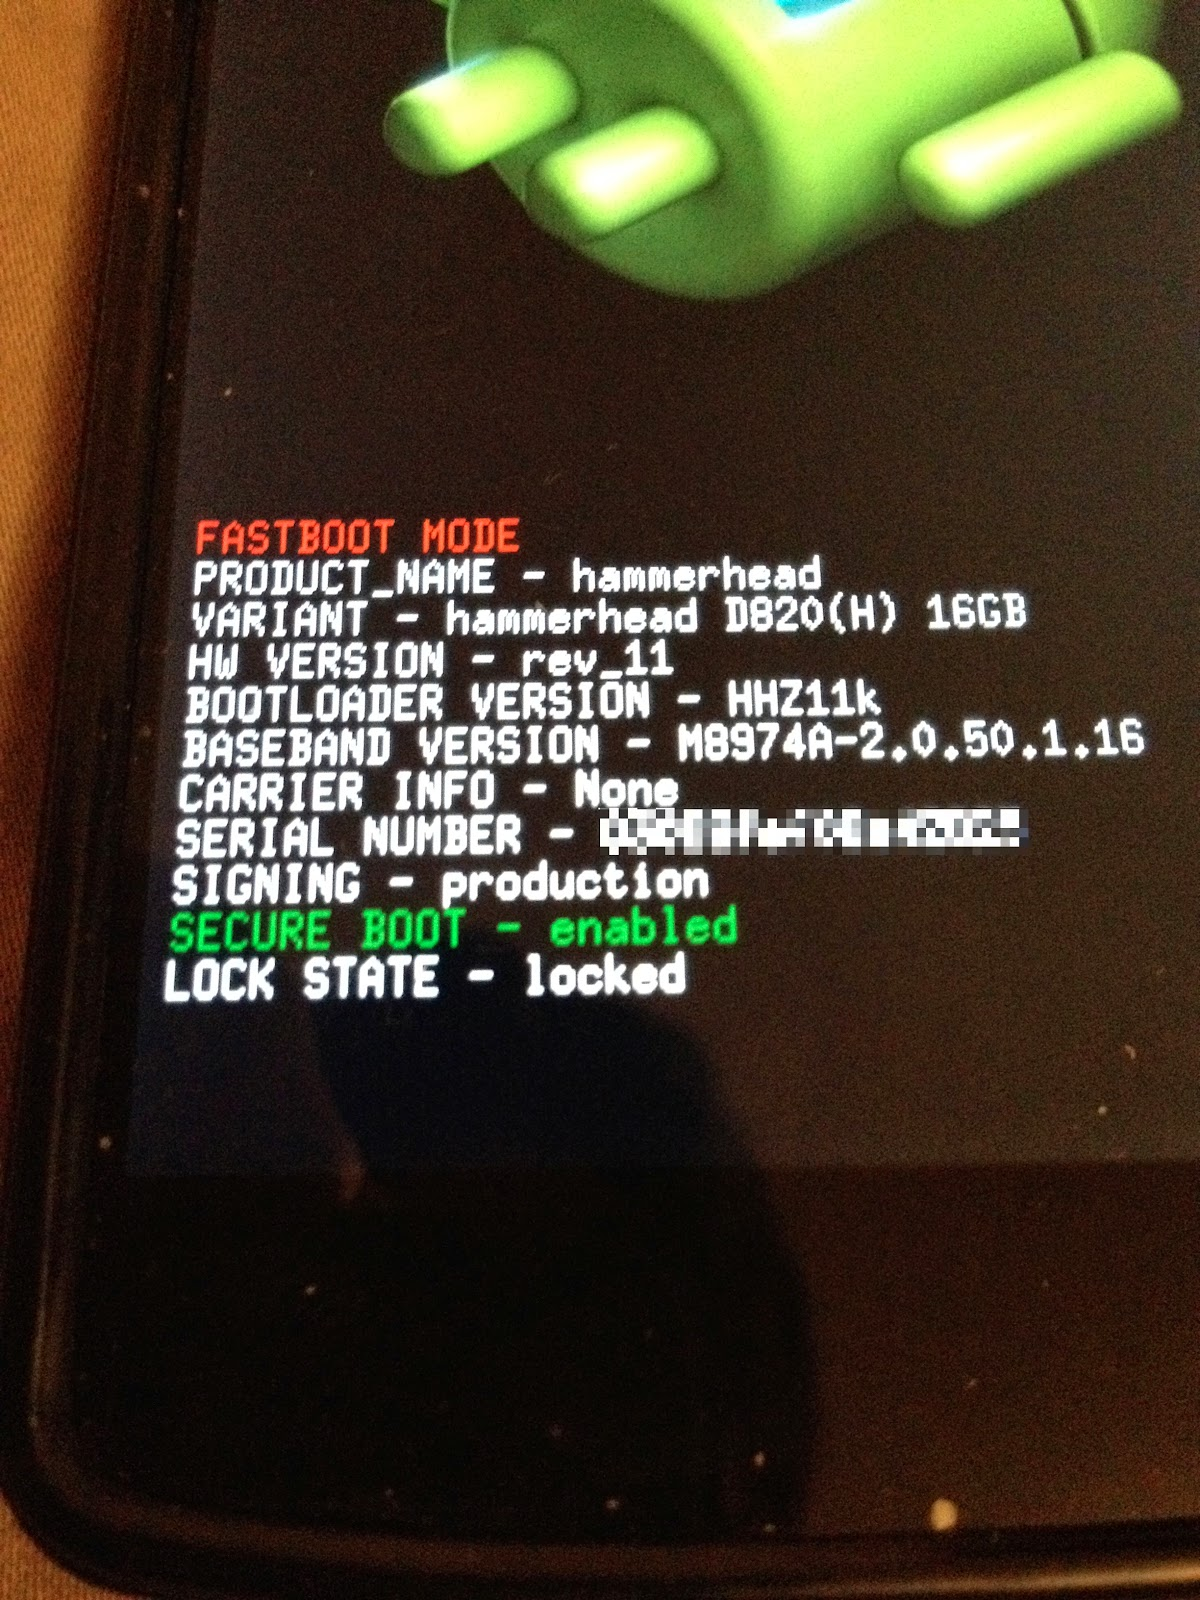 fastboot mode locked